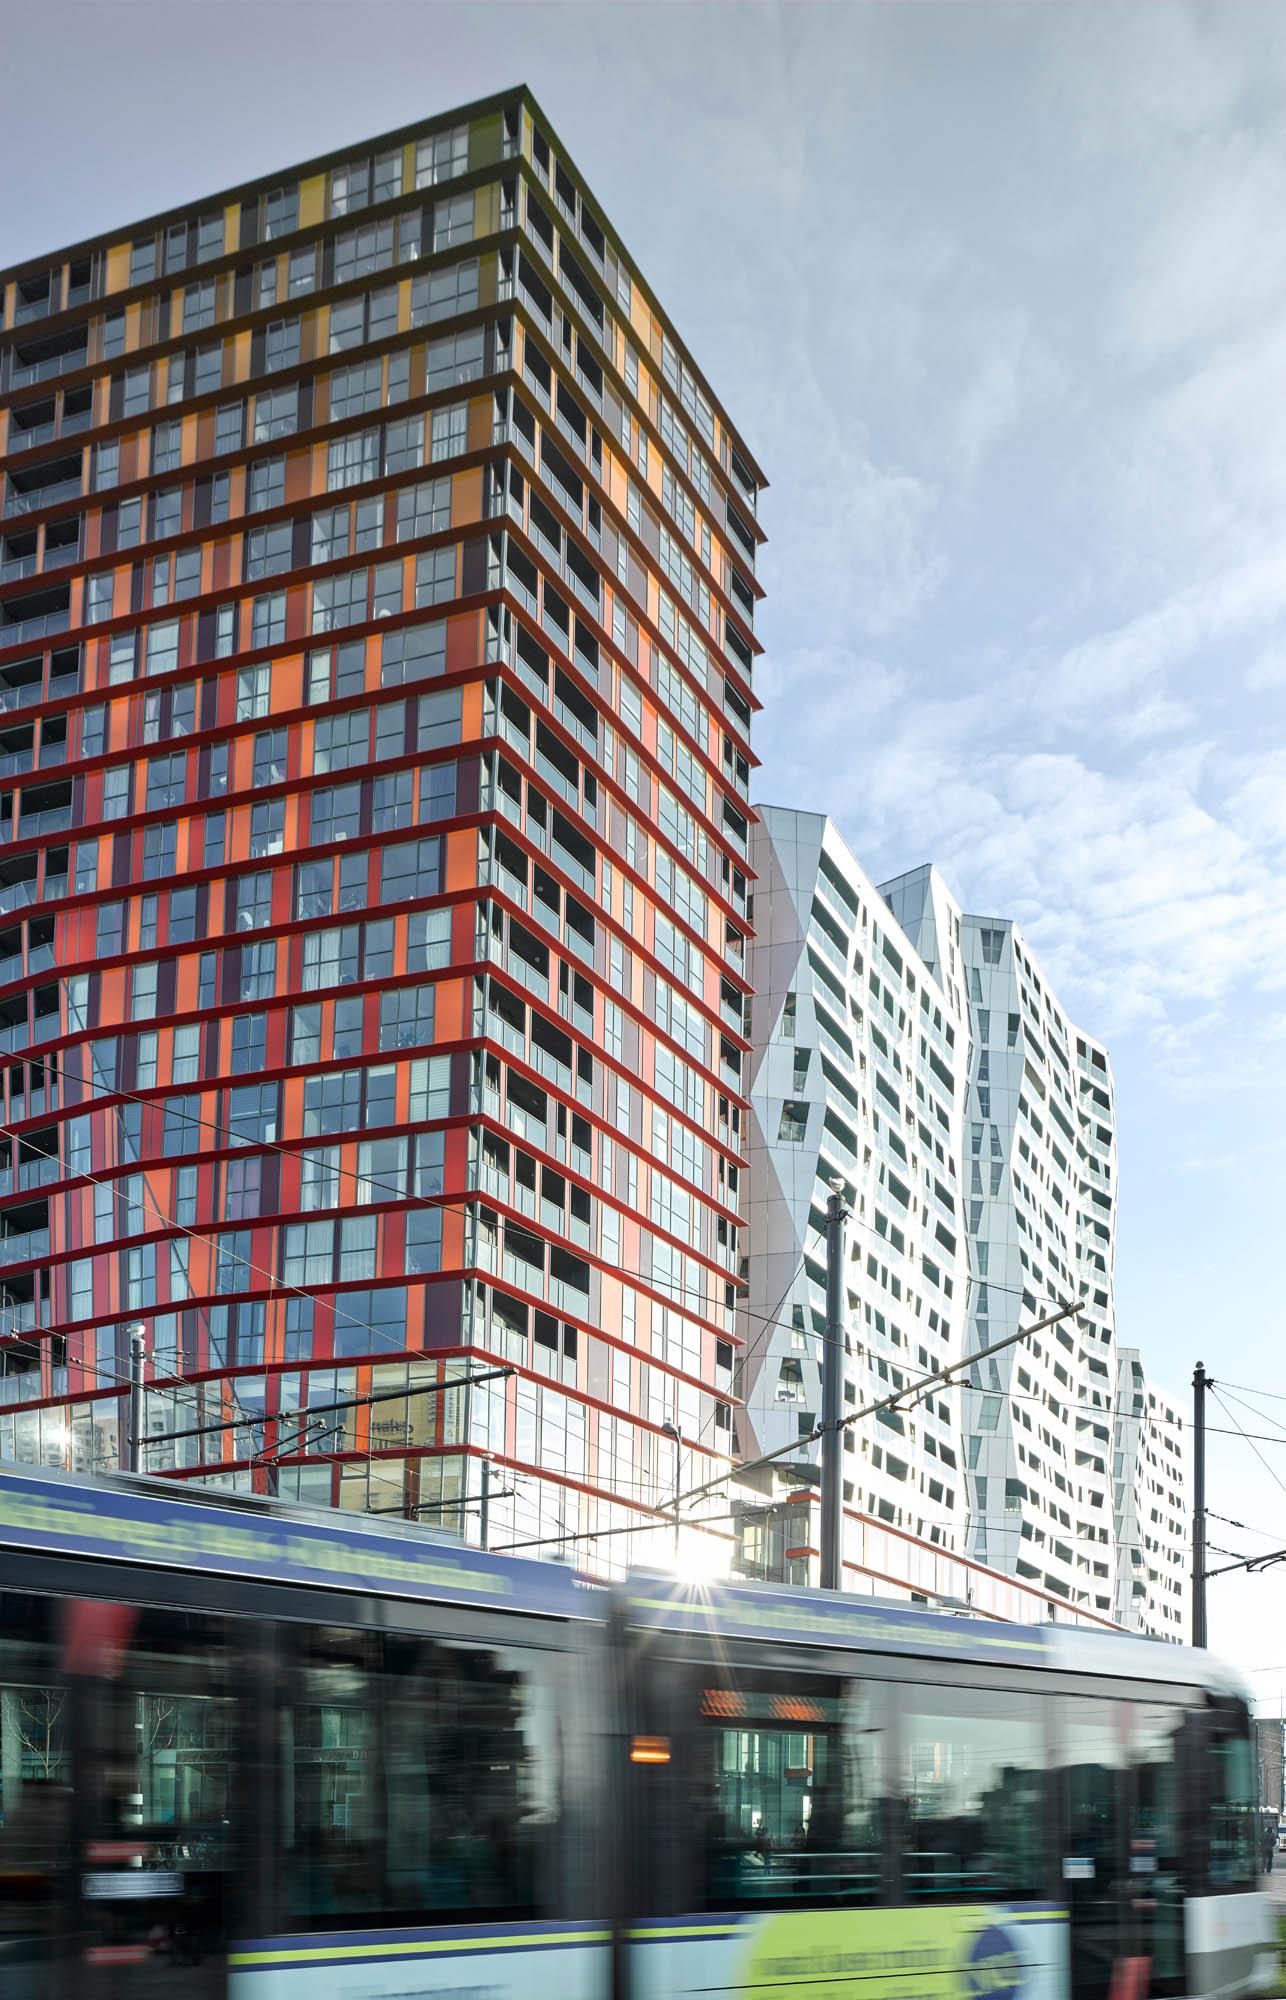 Opp 004823 - Rotterdam: Spielwiese verrückter Architektur von Weltruf